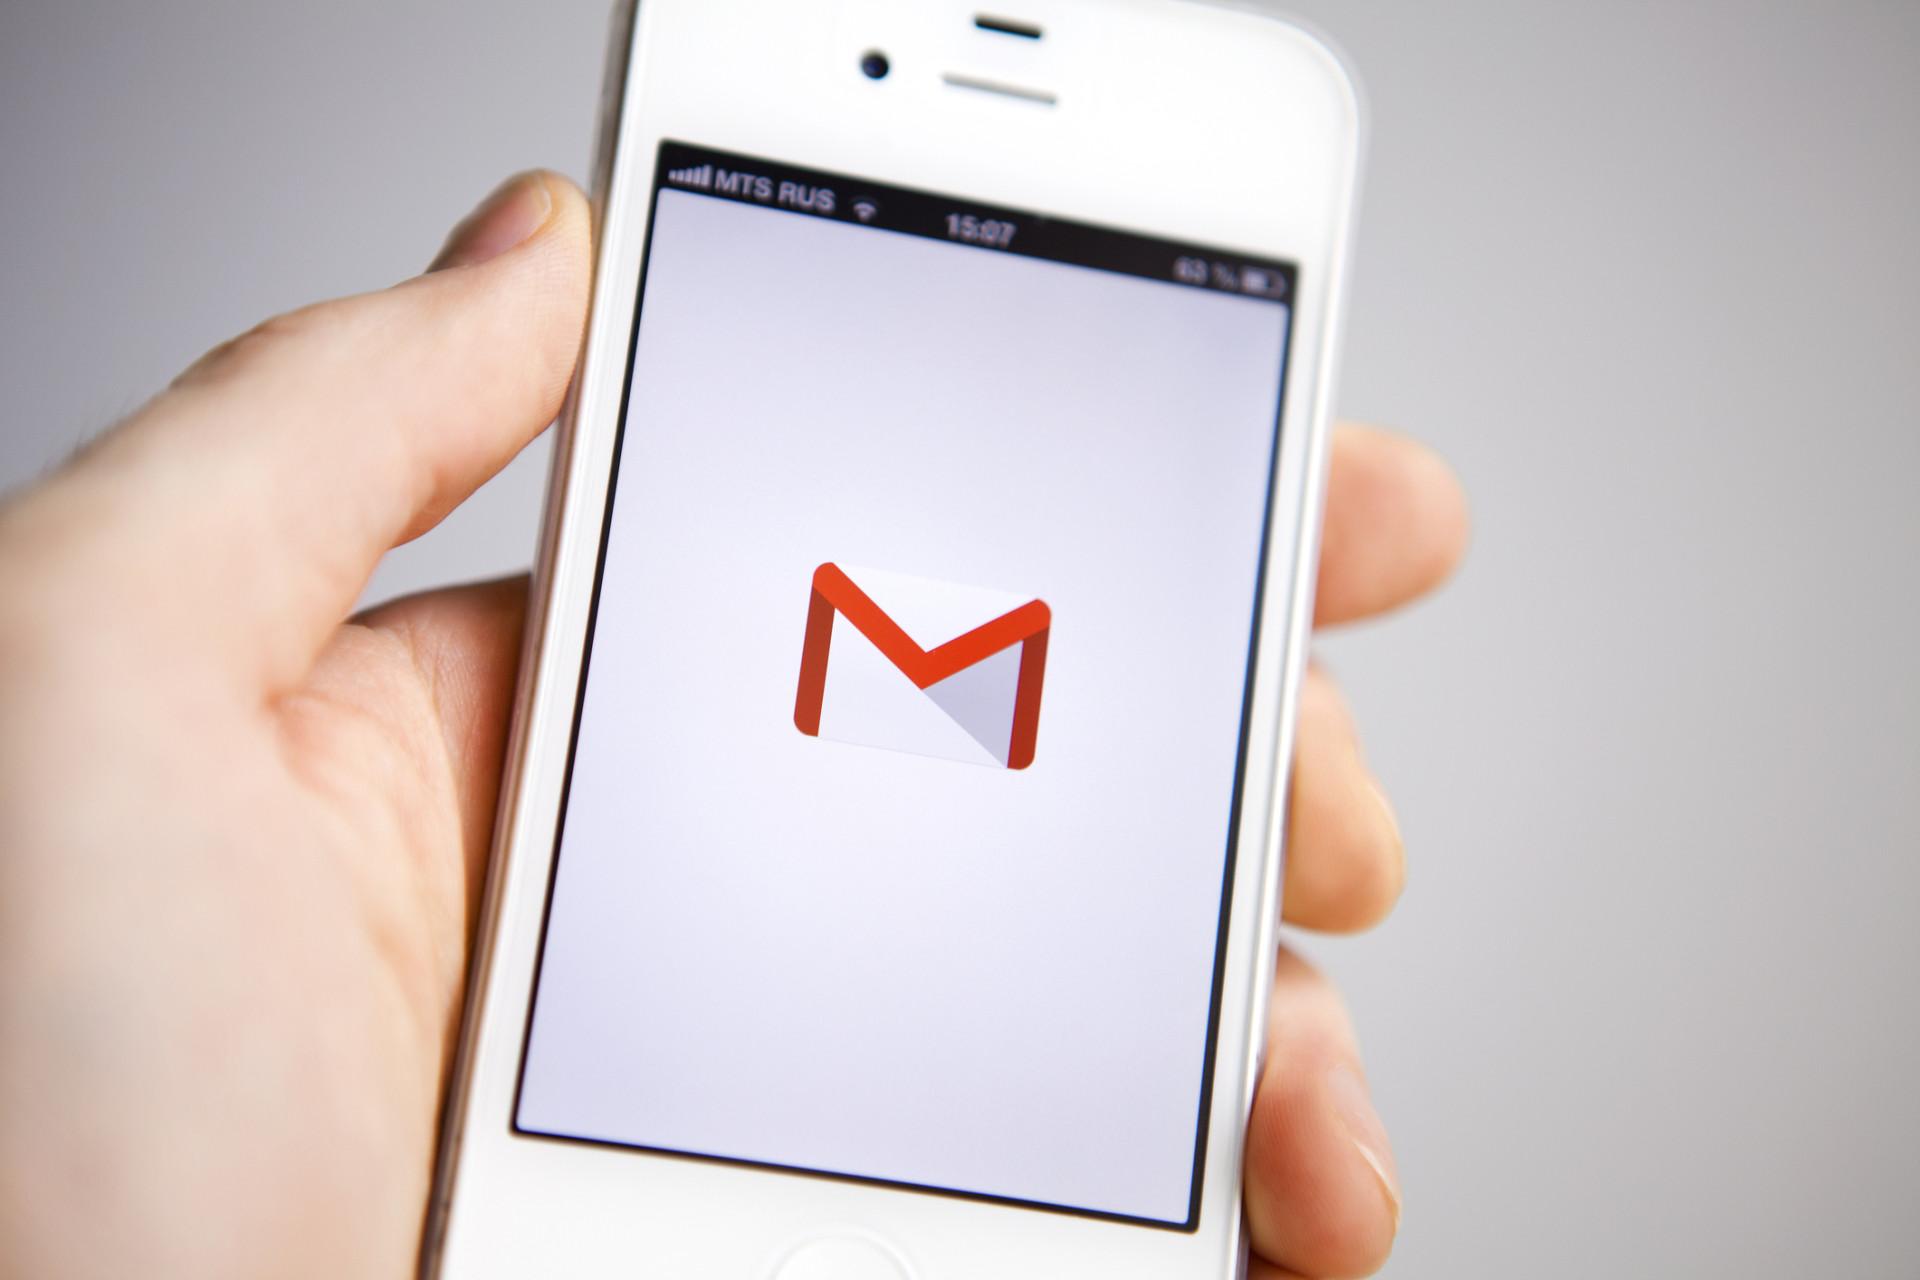 O Gmail está prestes a mudar. Eis as primeiras imagens